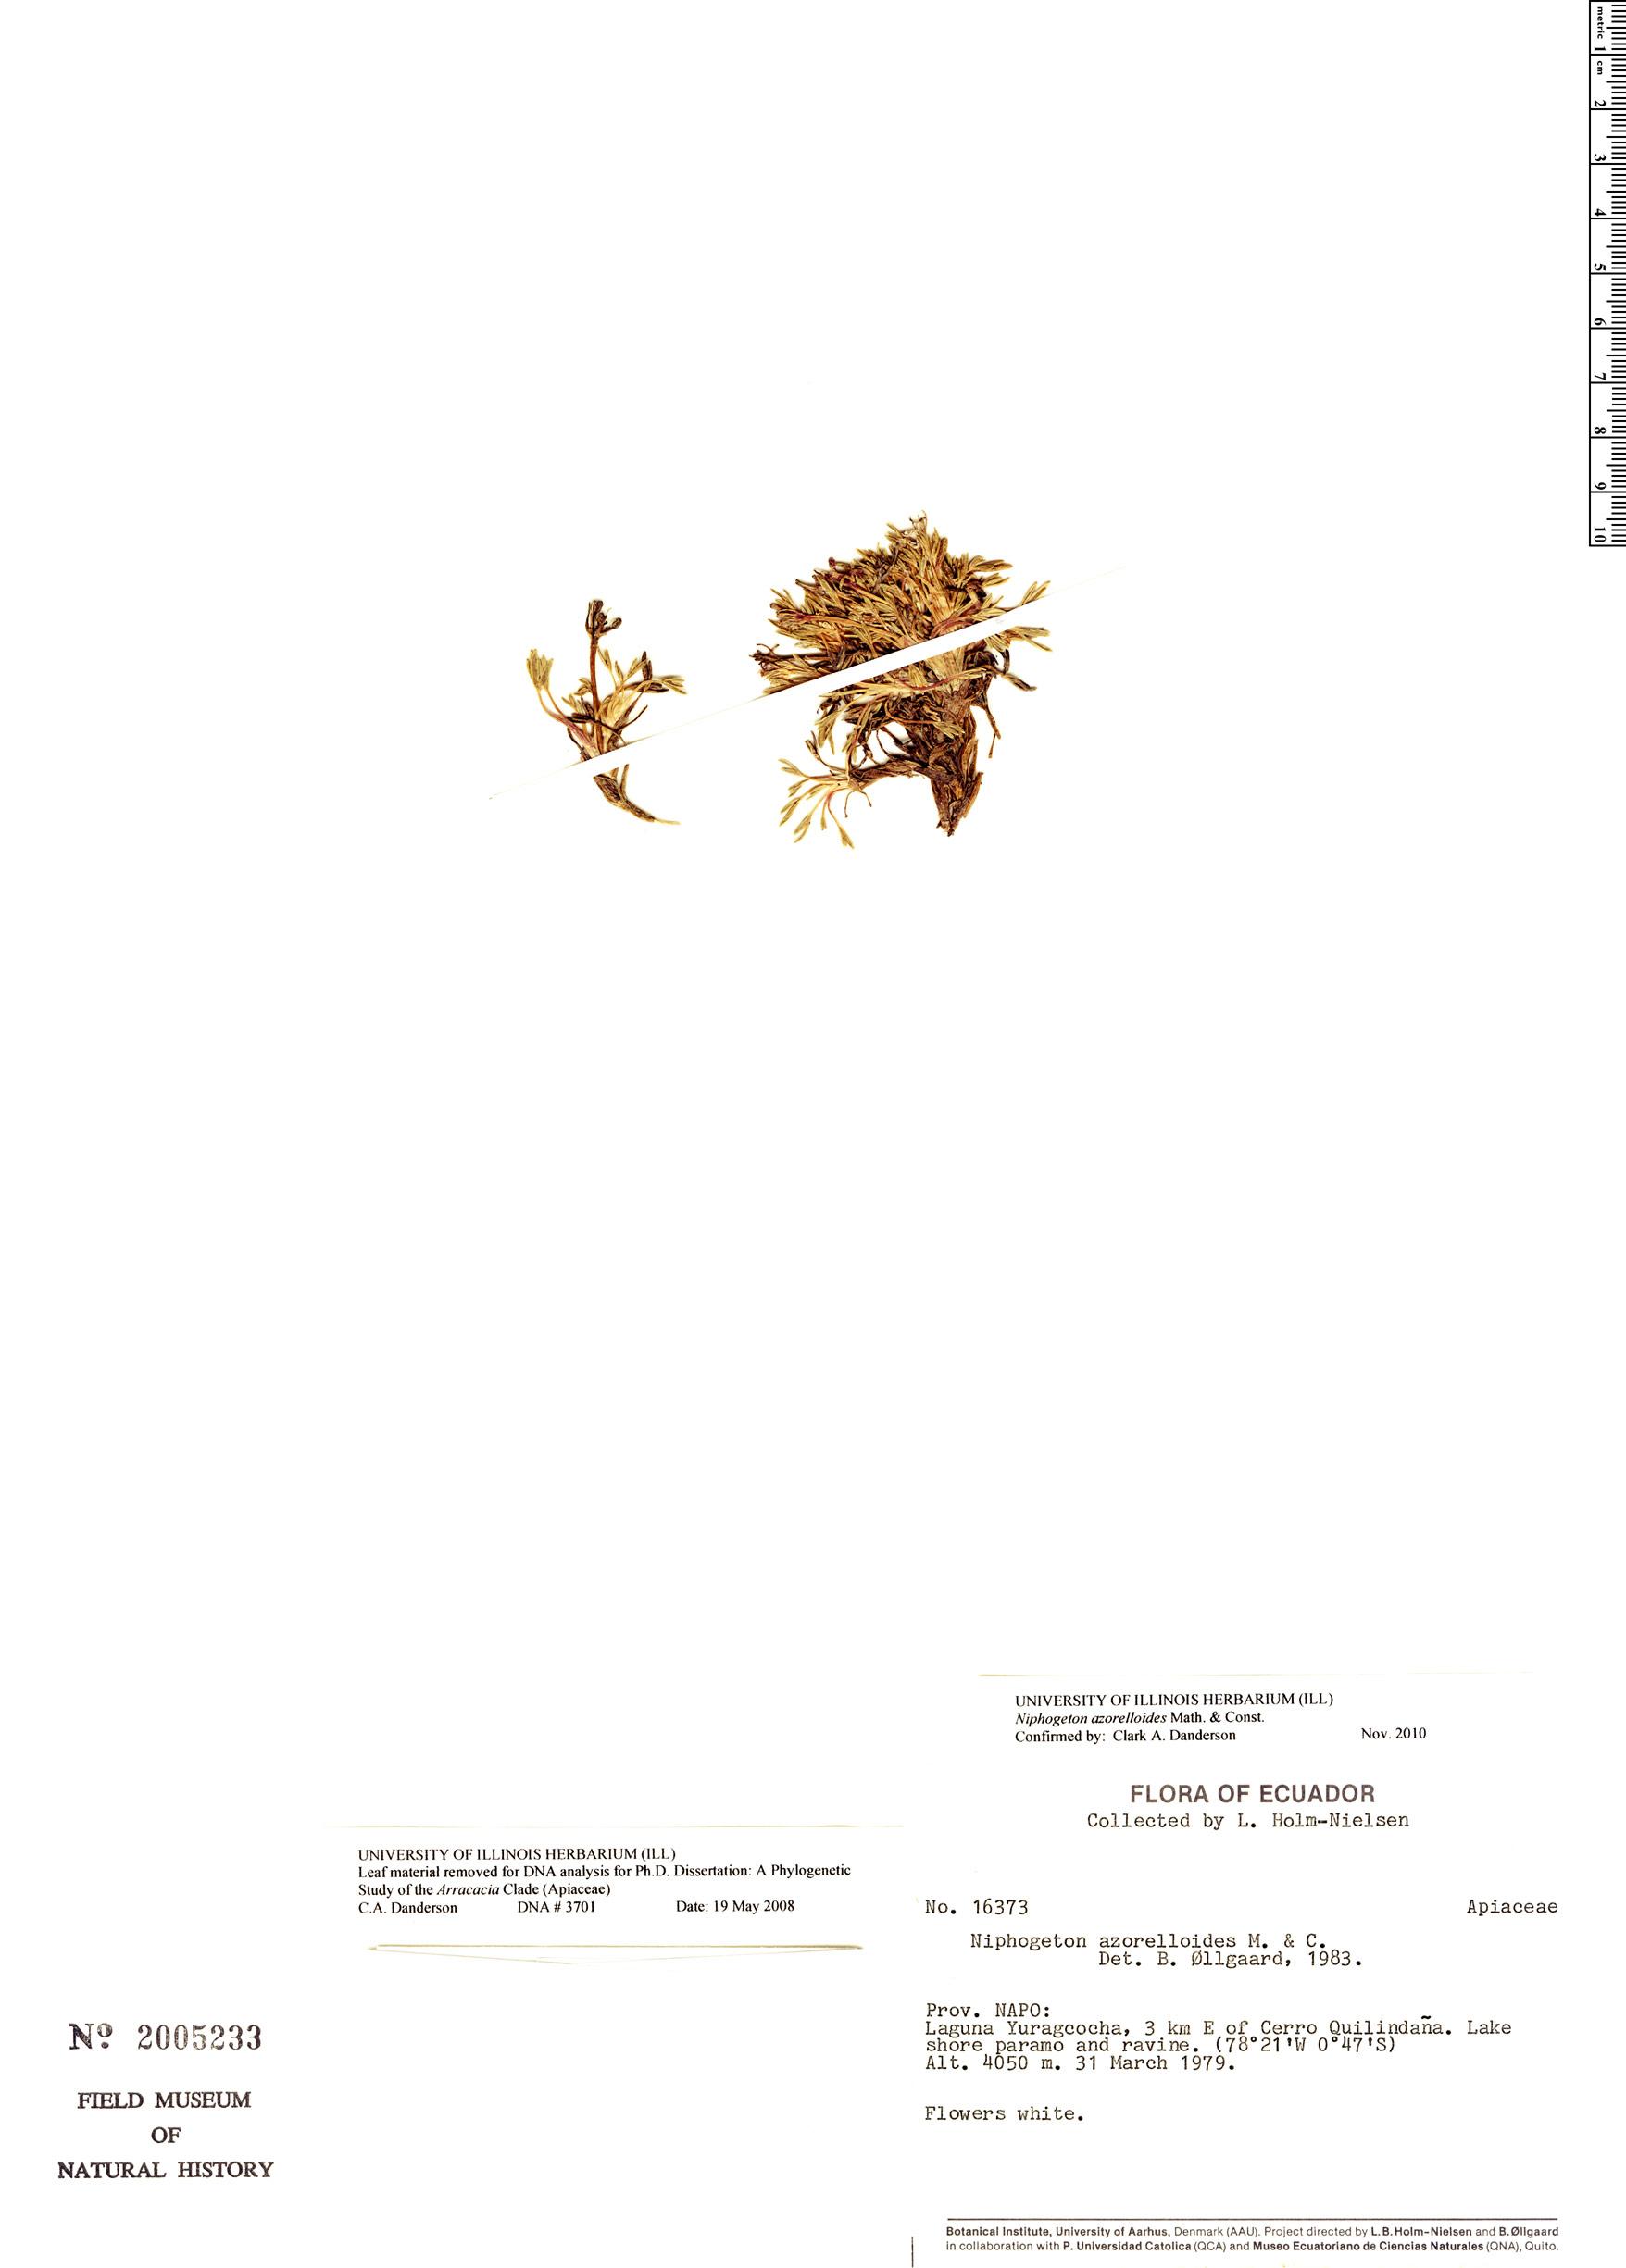 Specimen: Niphogeton azorelloides